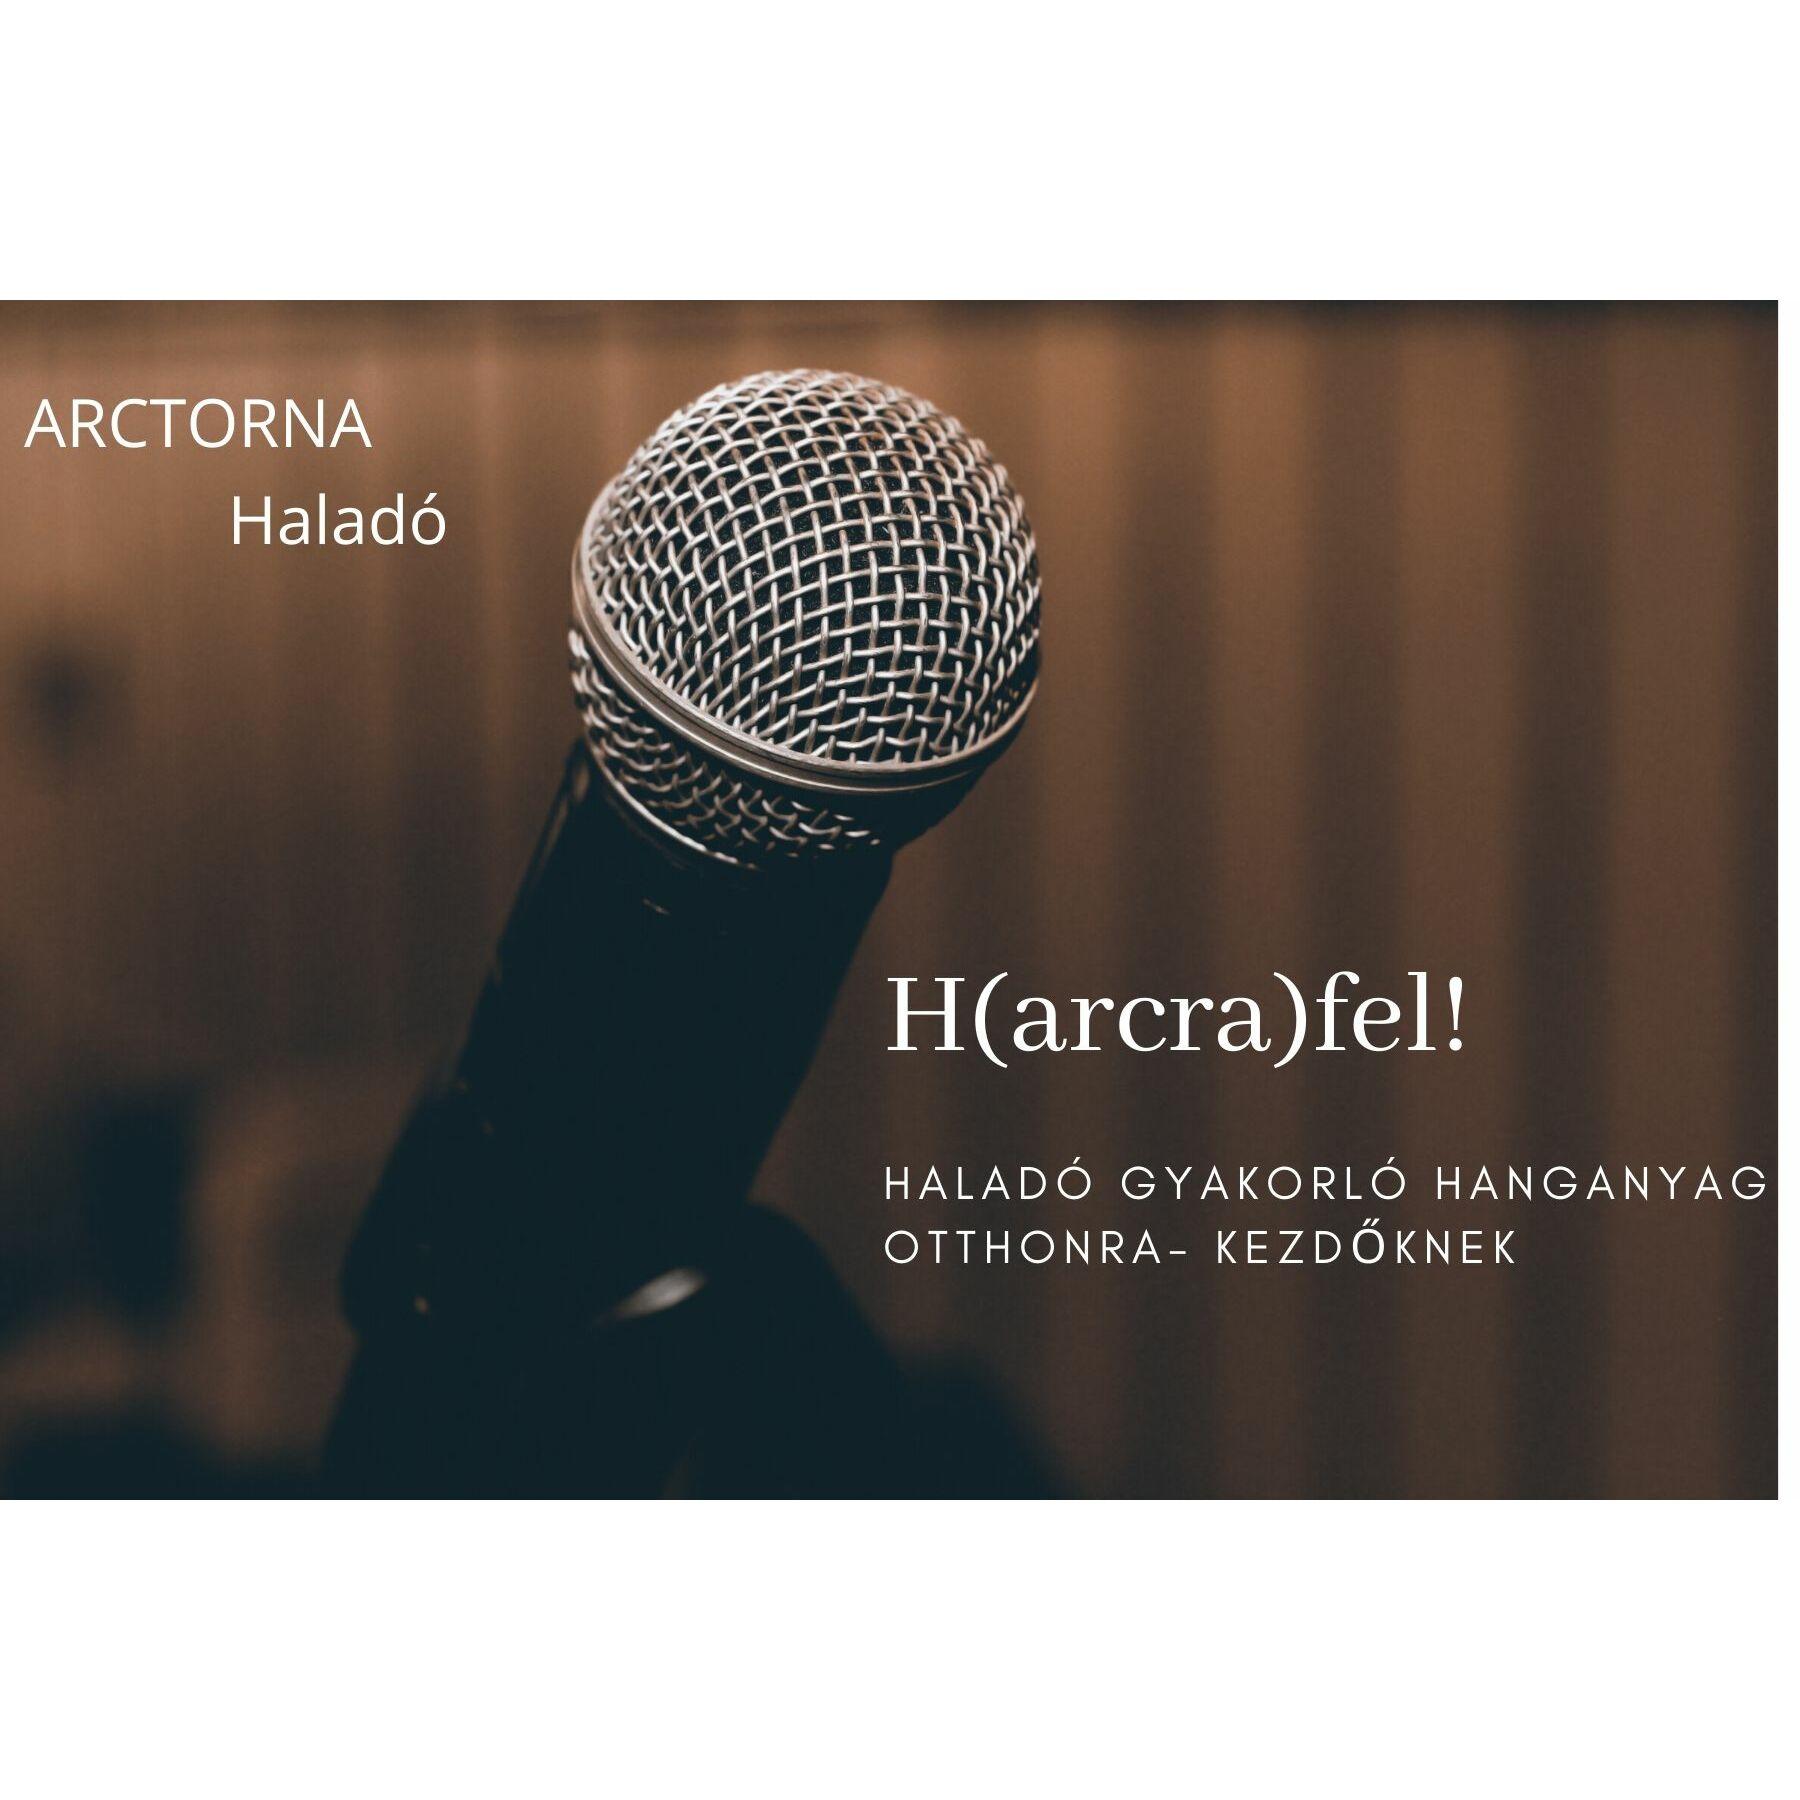 H(ARCRA)FEL! ONLINE GYAKORLÓ PROGRAM KEZDŐKNEK III. NEGYEDÉV